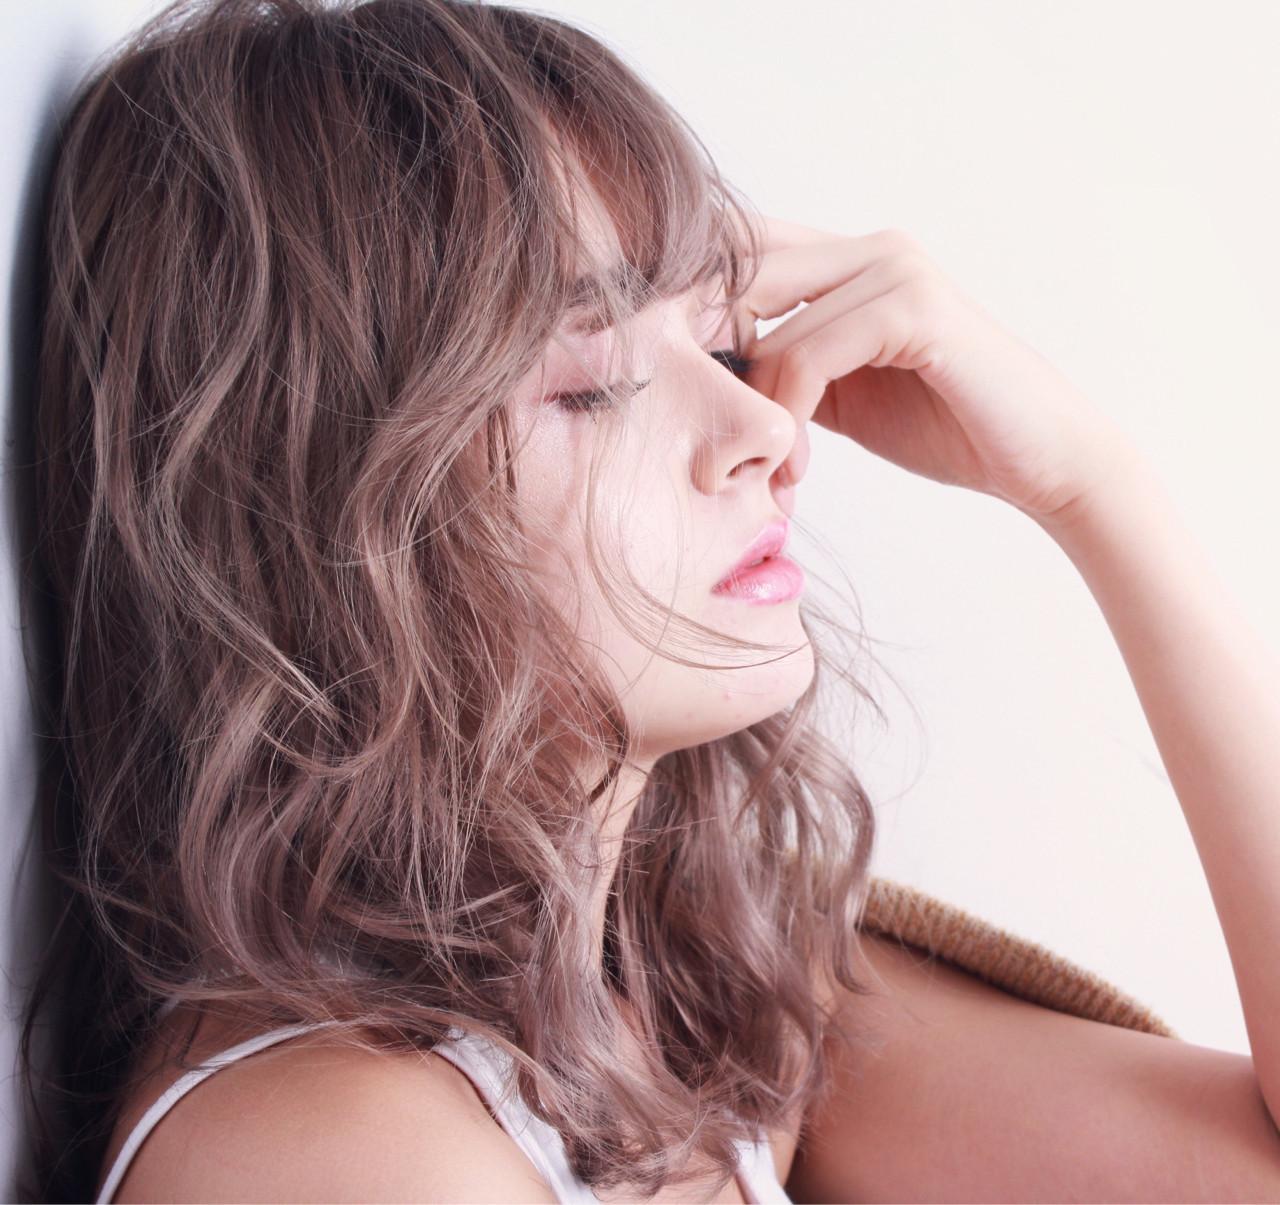 簡単イメチェン♡夏にぴったりのハイトーンカラーの魅力に迫る!の23枚目の画像